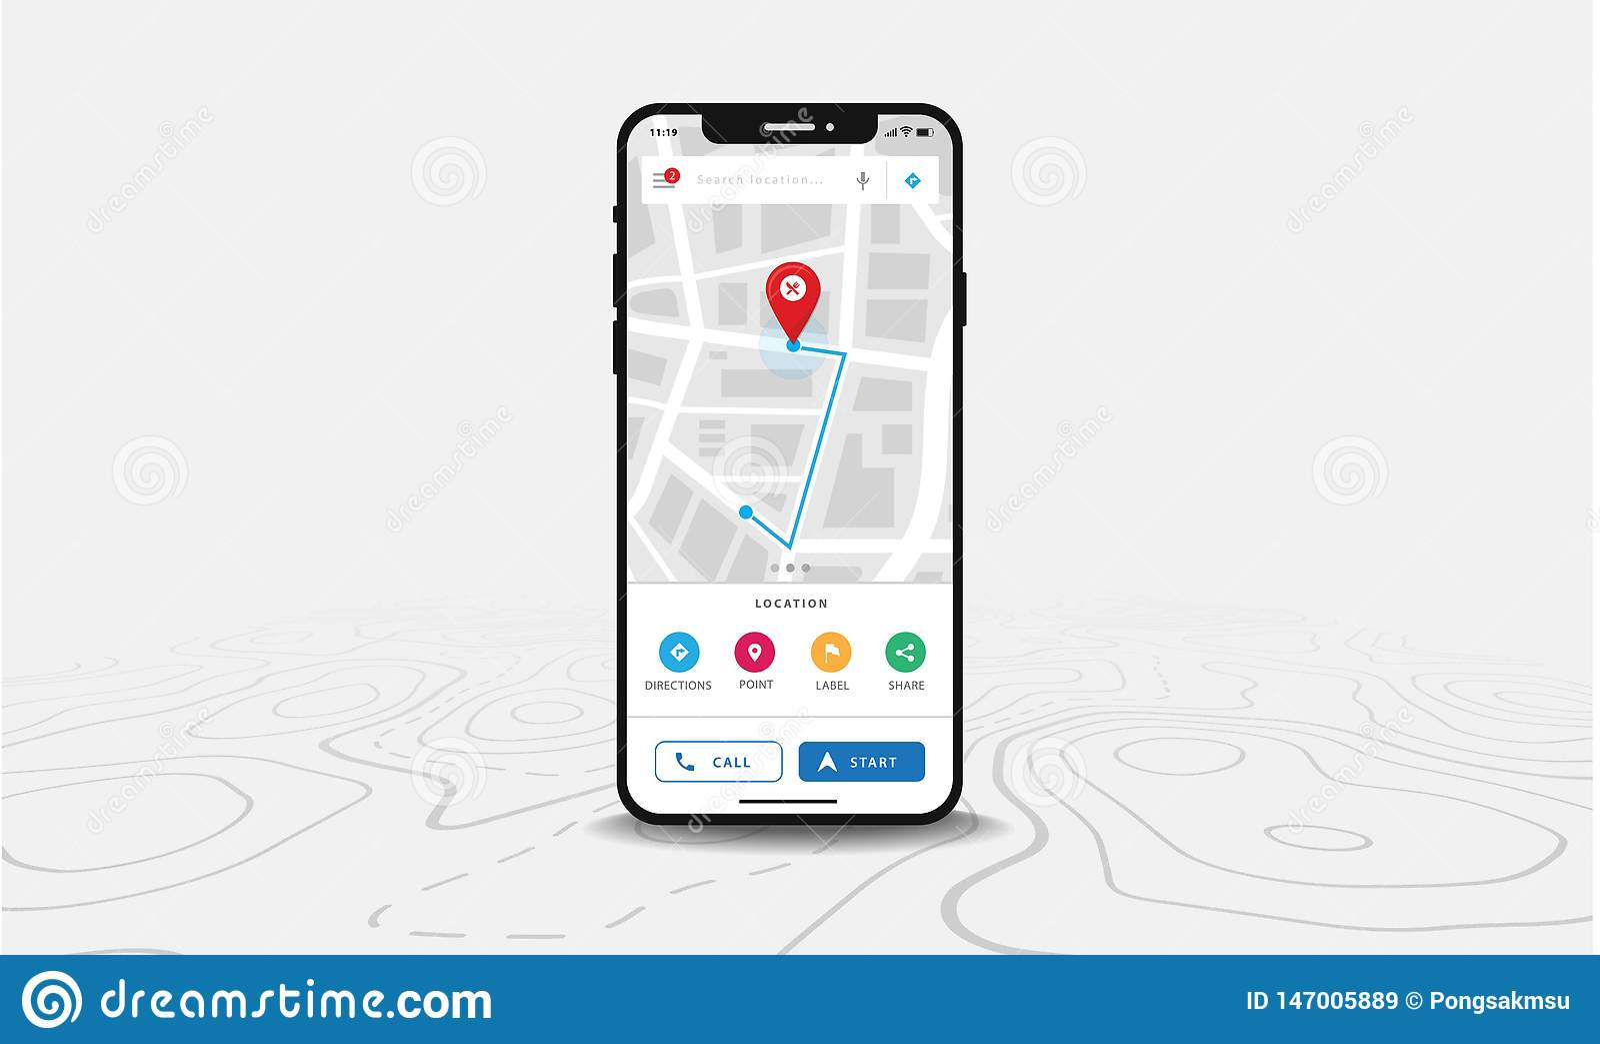 ÖversiktsGPS navigering, Smartphone översiktsapplikation och röd knappnålsspets på skärmen, navigering för Appsökandeöversikt, på